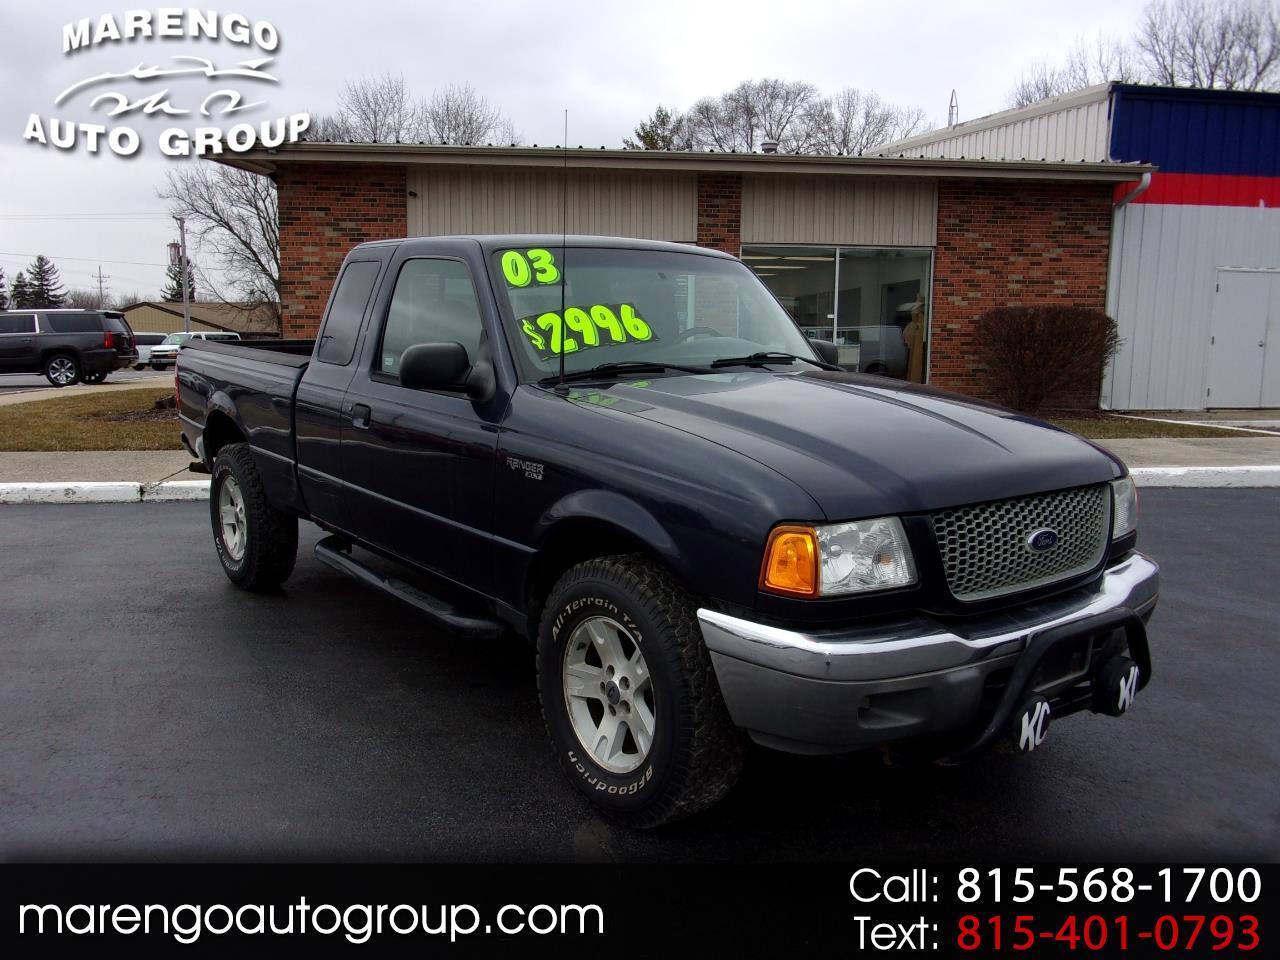 2003 Ford Ranger 2dr Supercab 4.0L XLT Value 4WD